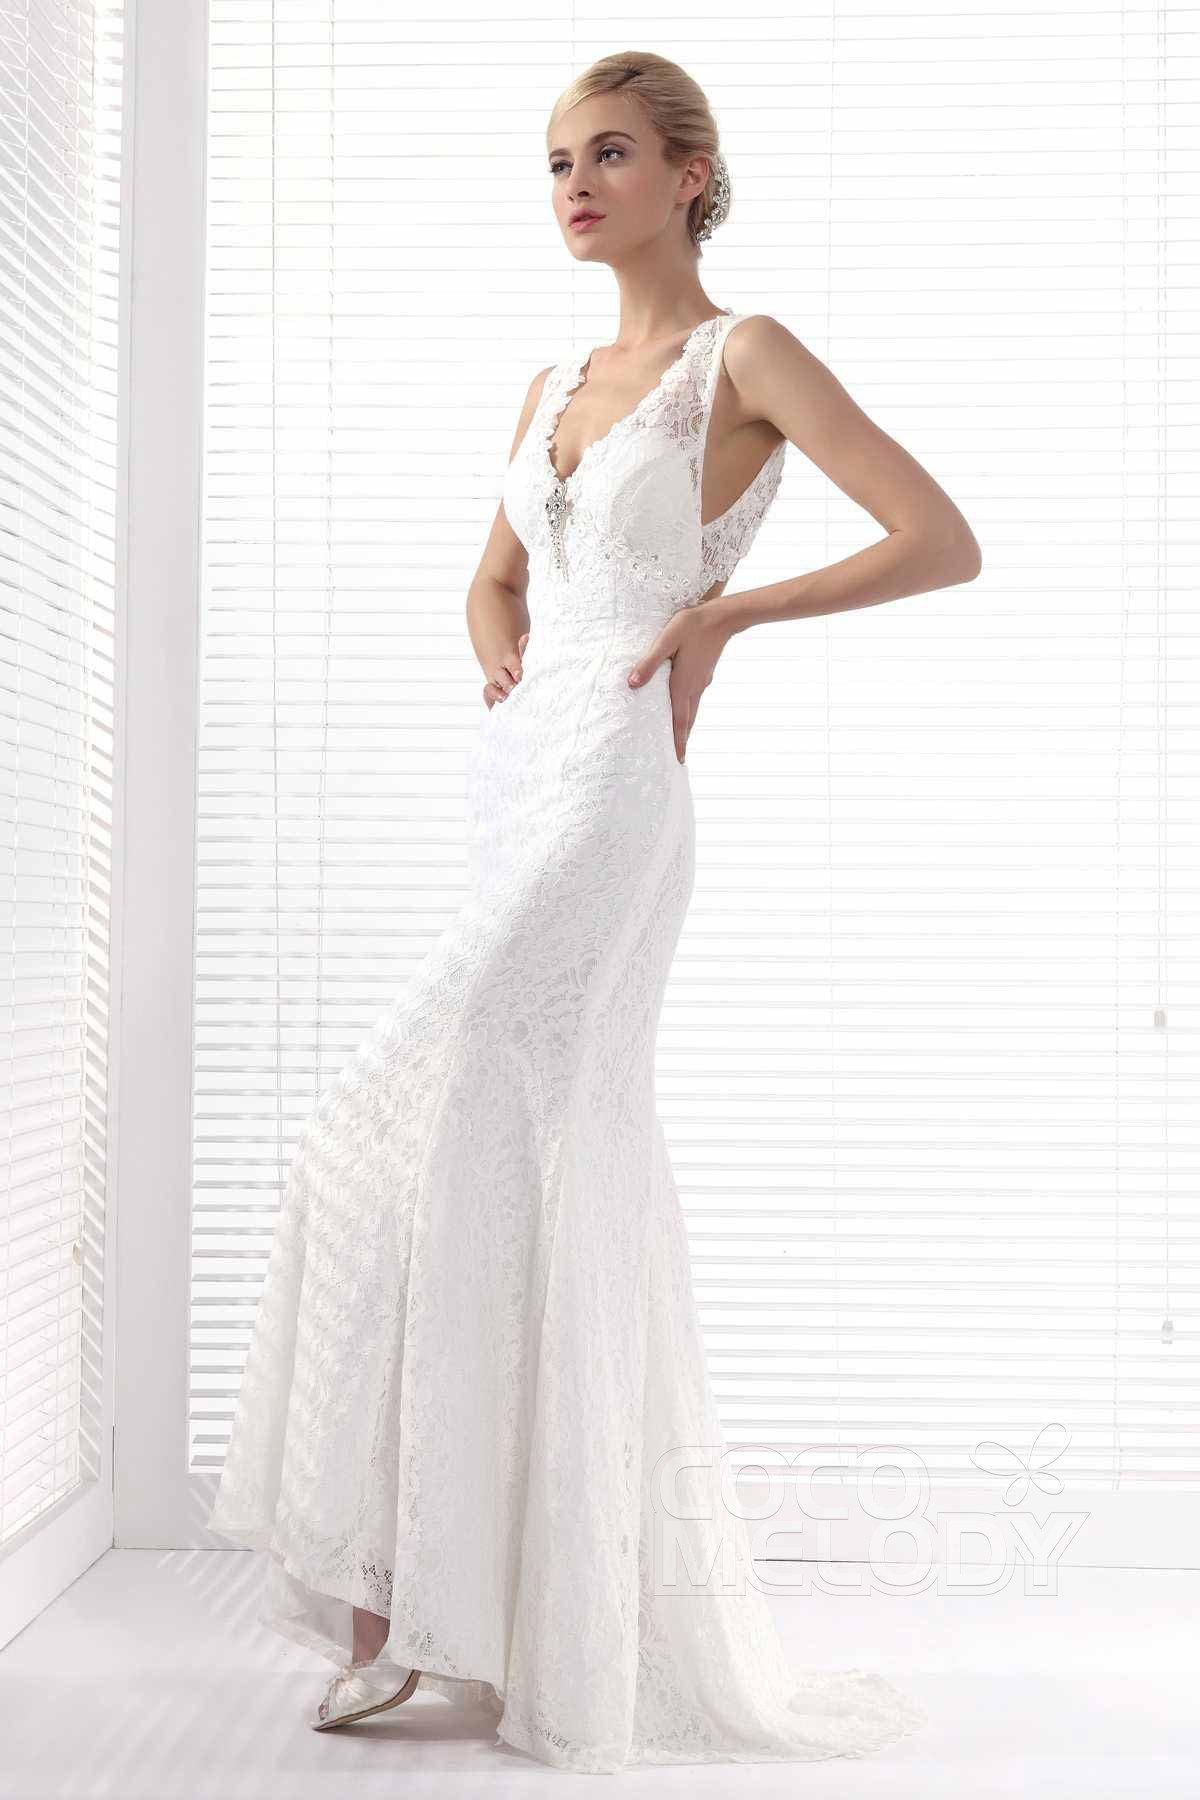 Sheath-Column Train Lace Wedding Dress ALB12301 | Cocomelody